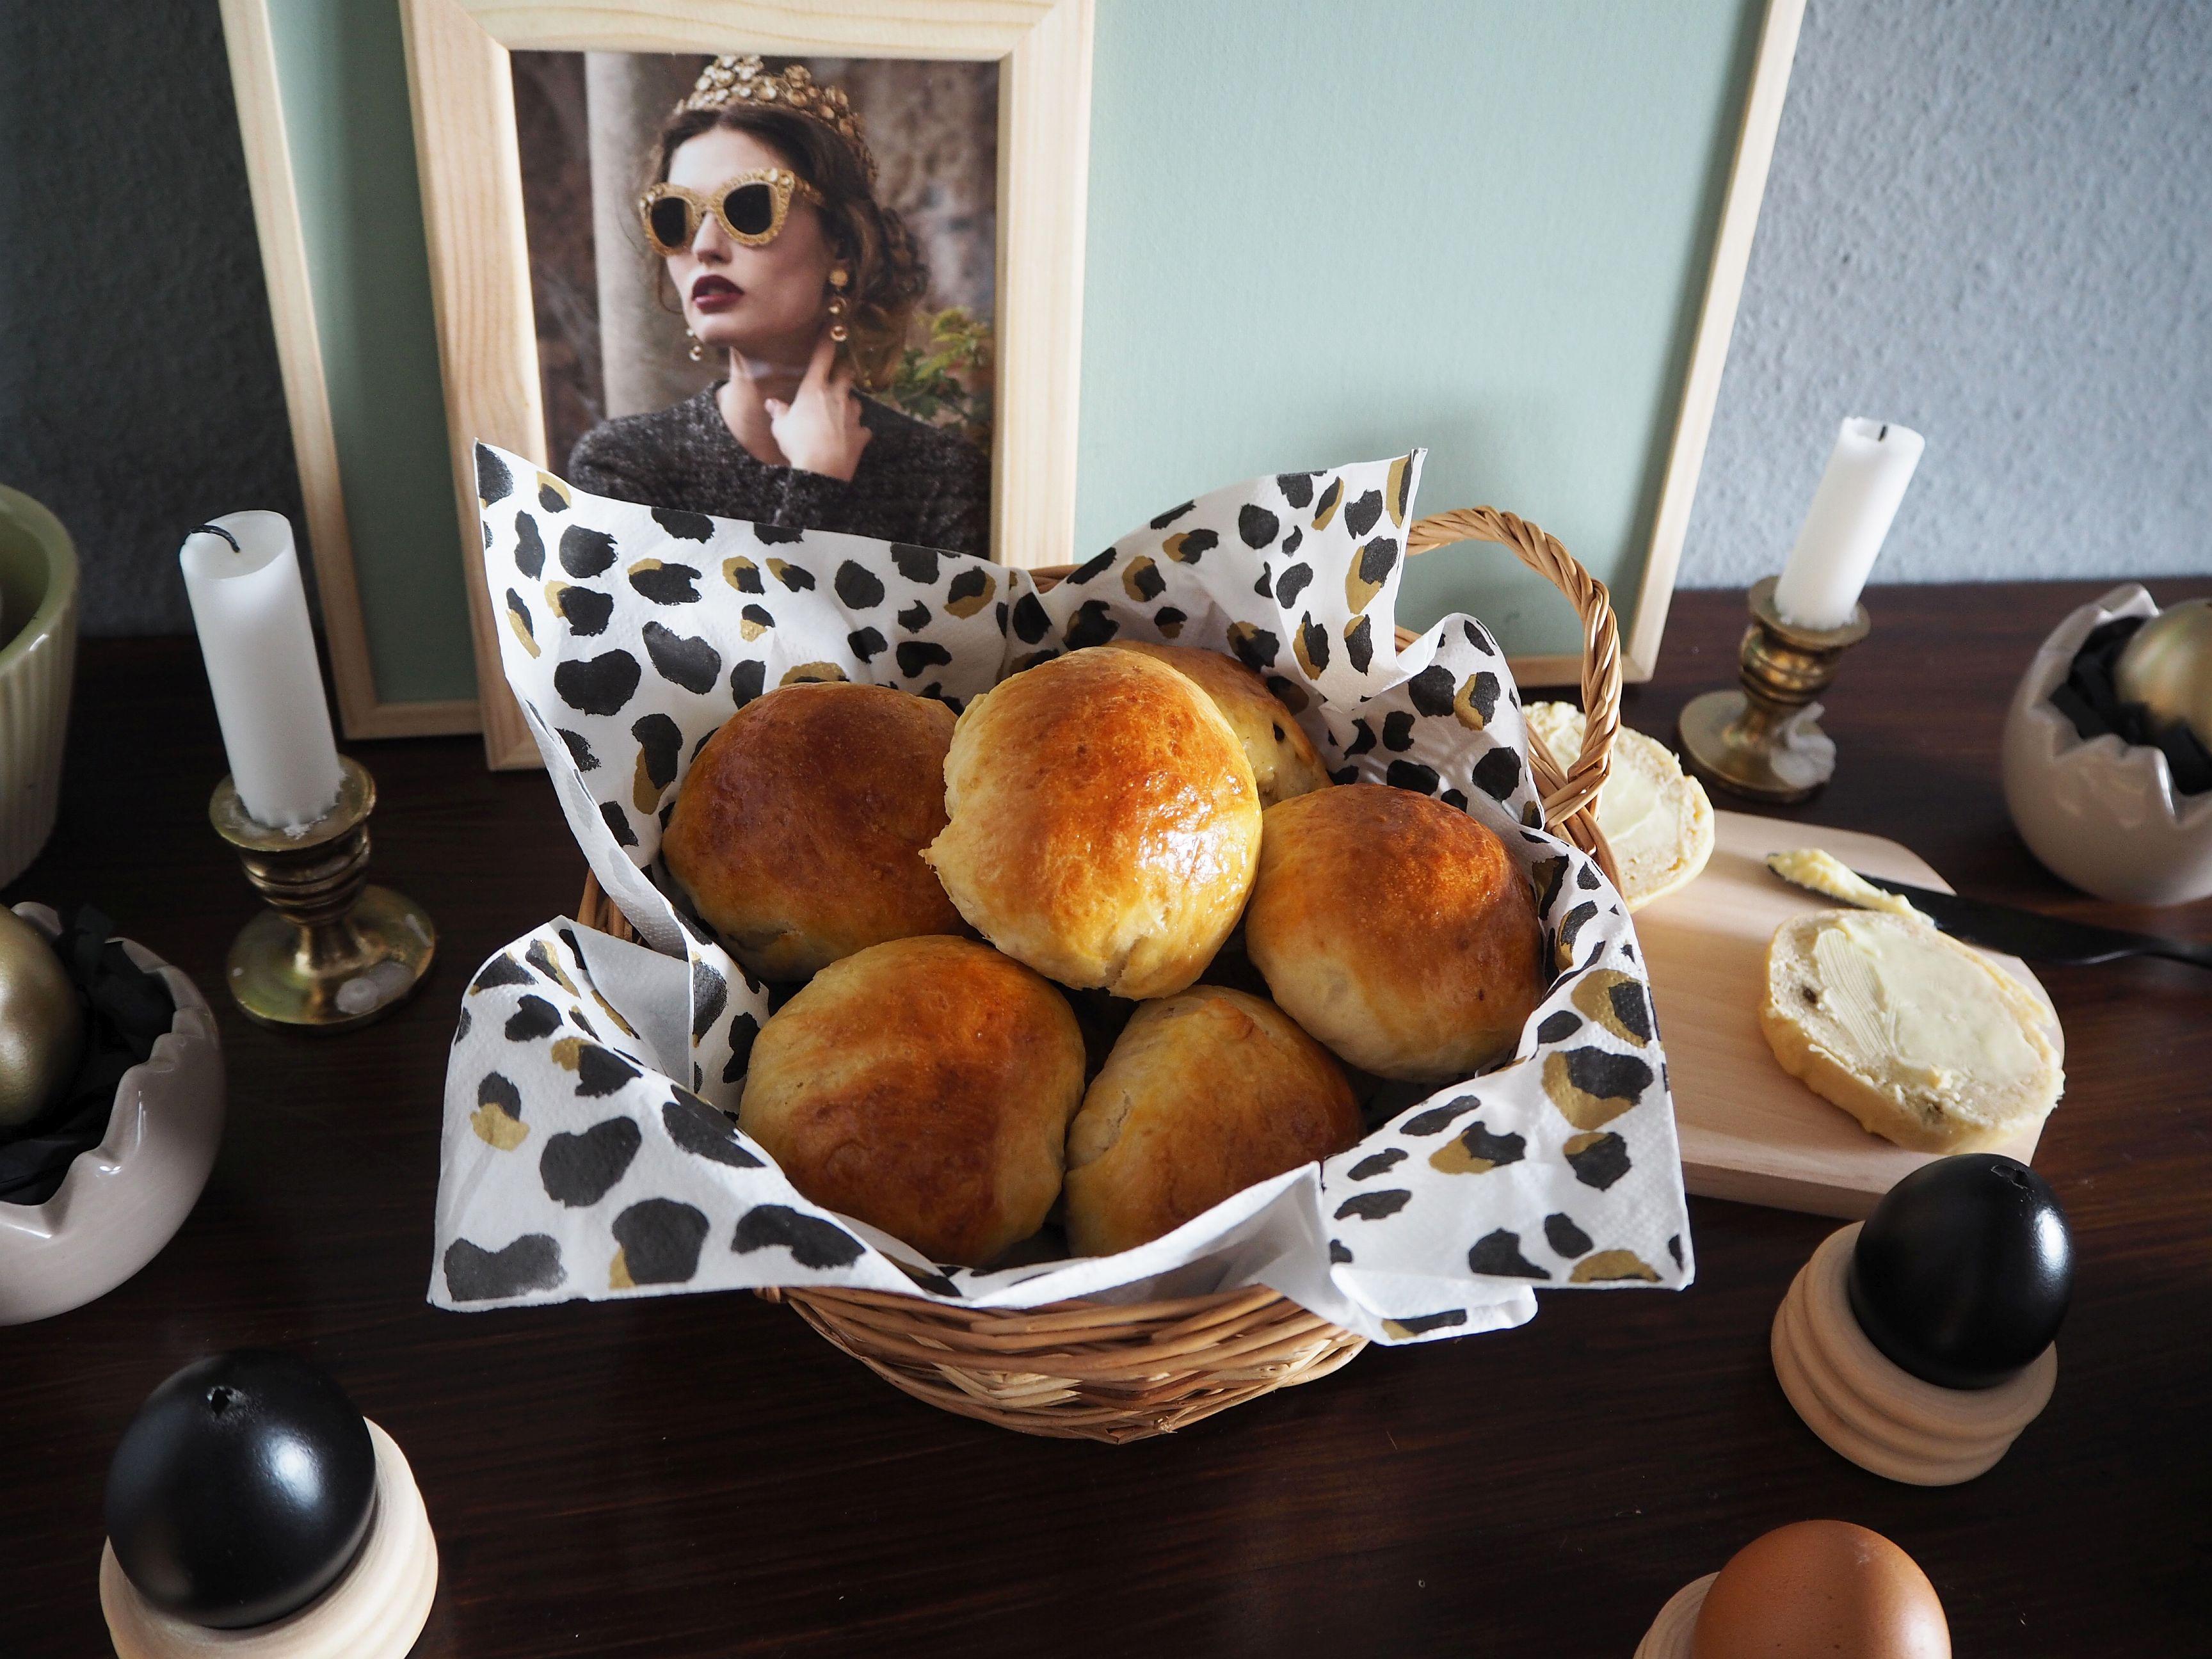 2018-03-skoen-och-kreativ-food-glad-pask-rosinenbroetchen-zu-ostern (7)